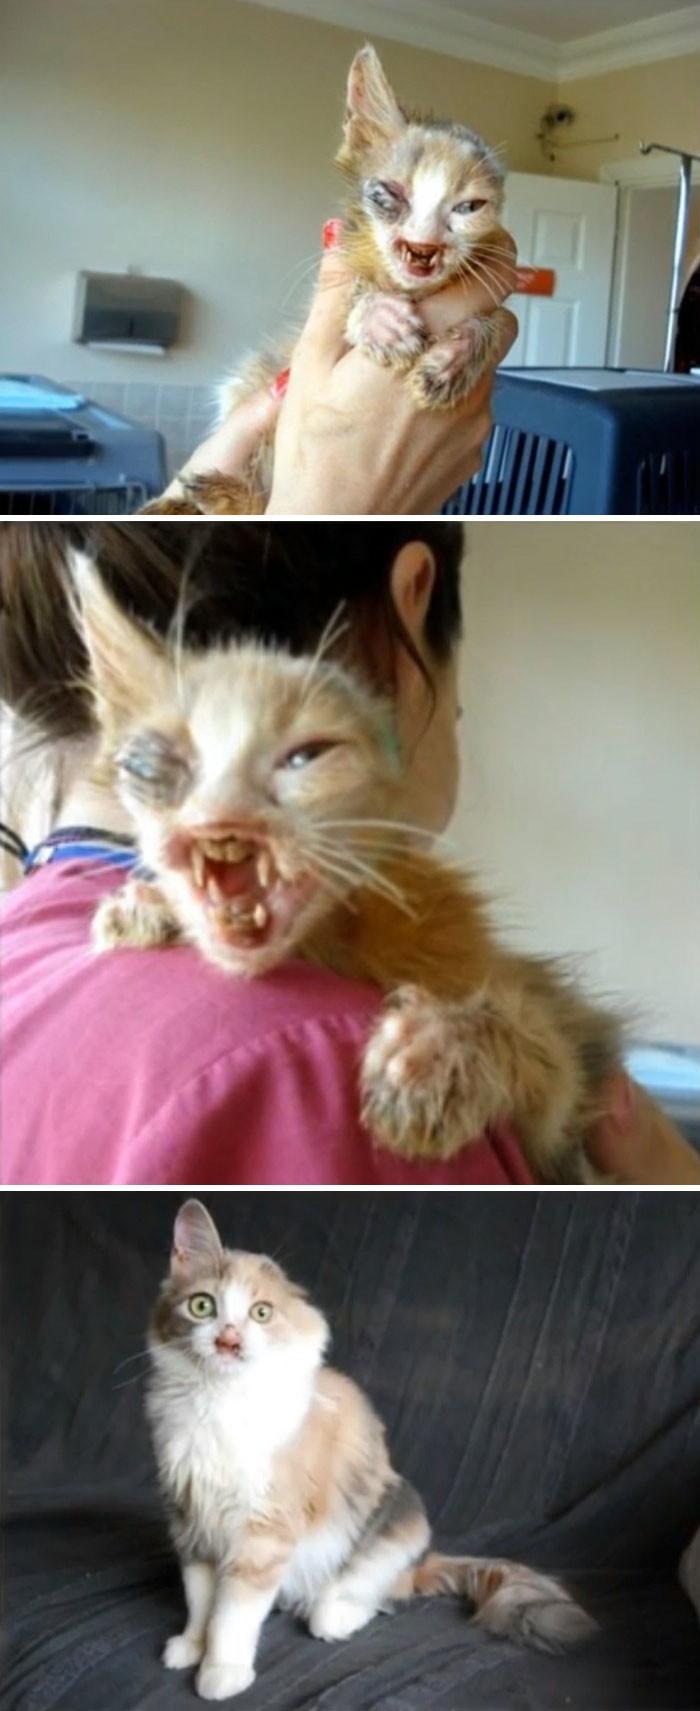 Взрослые боялись даже приблизиться к этой ужасного вида кошке. Но семилетняя девочка спасла ее животные, спасение, счастливый конец